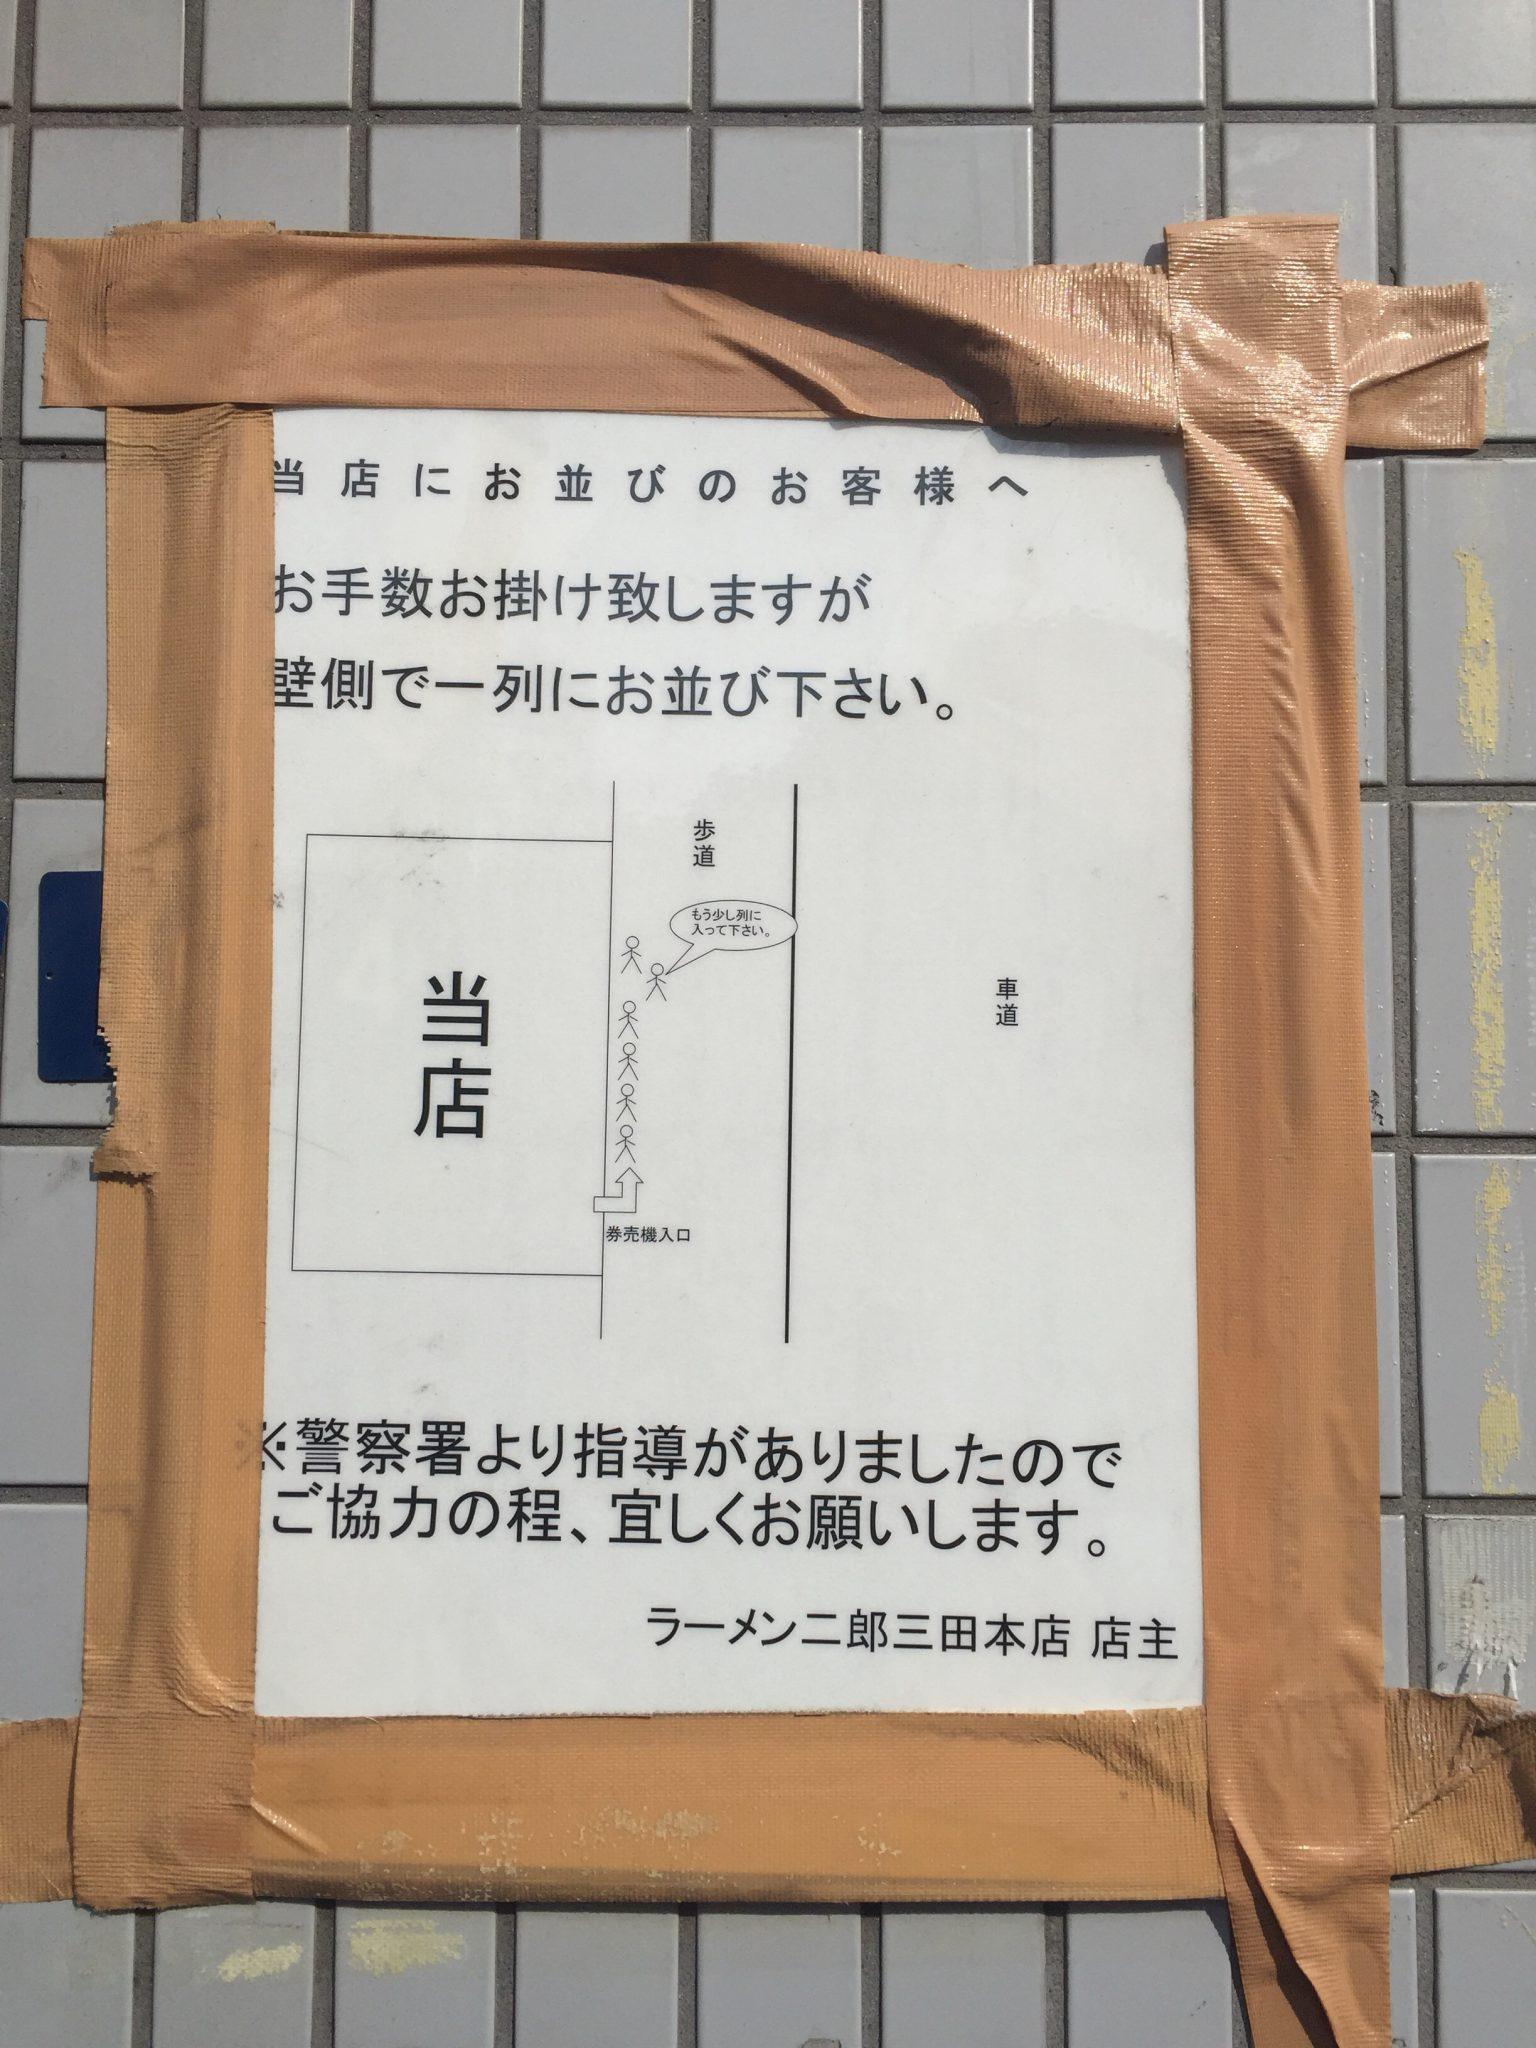 ラーメン二郎 三田本店 行列 並び方